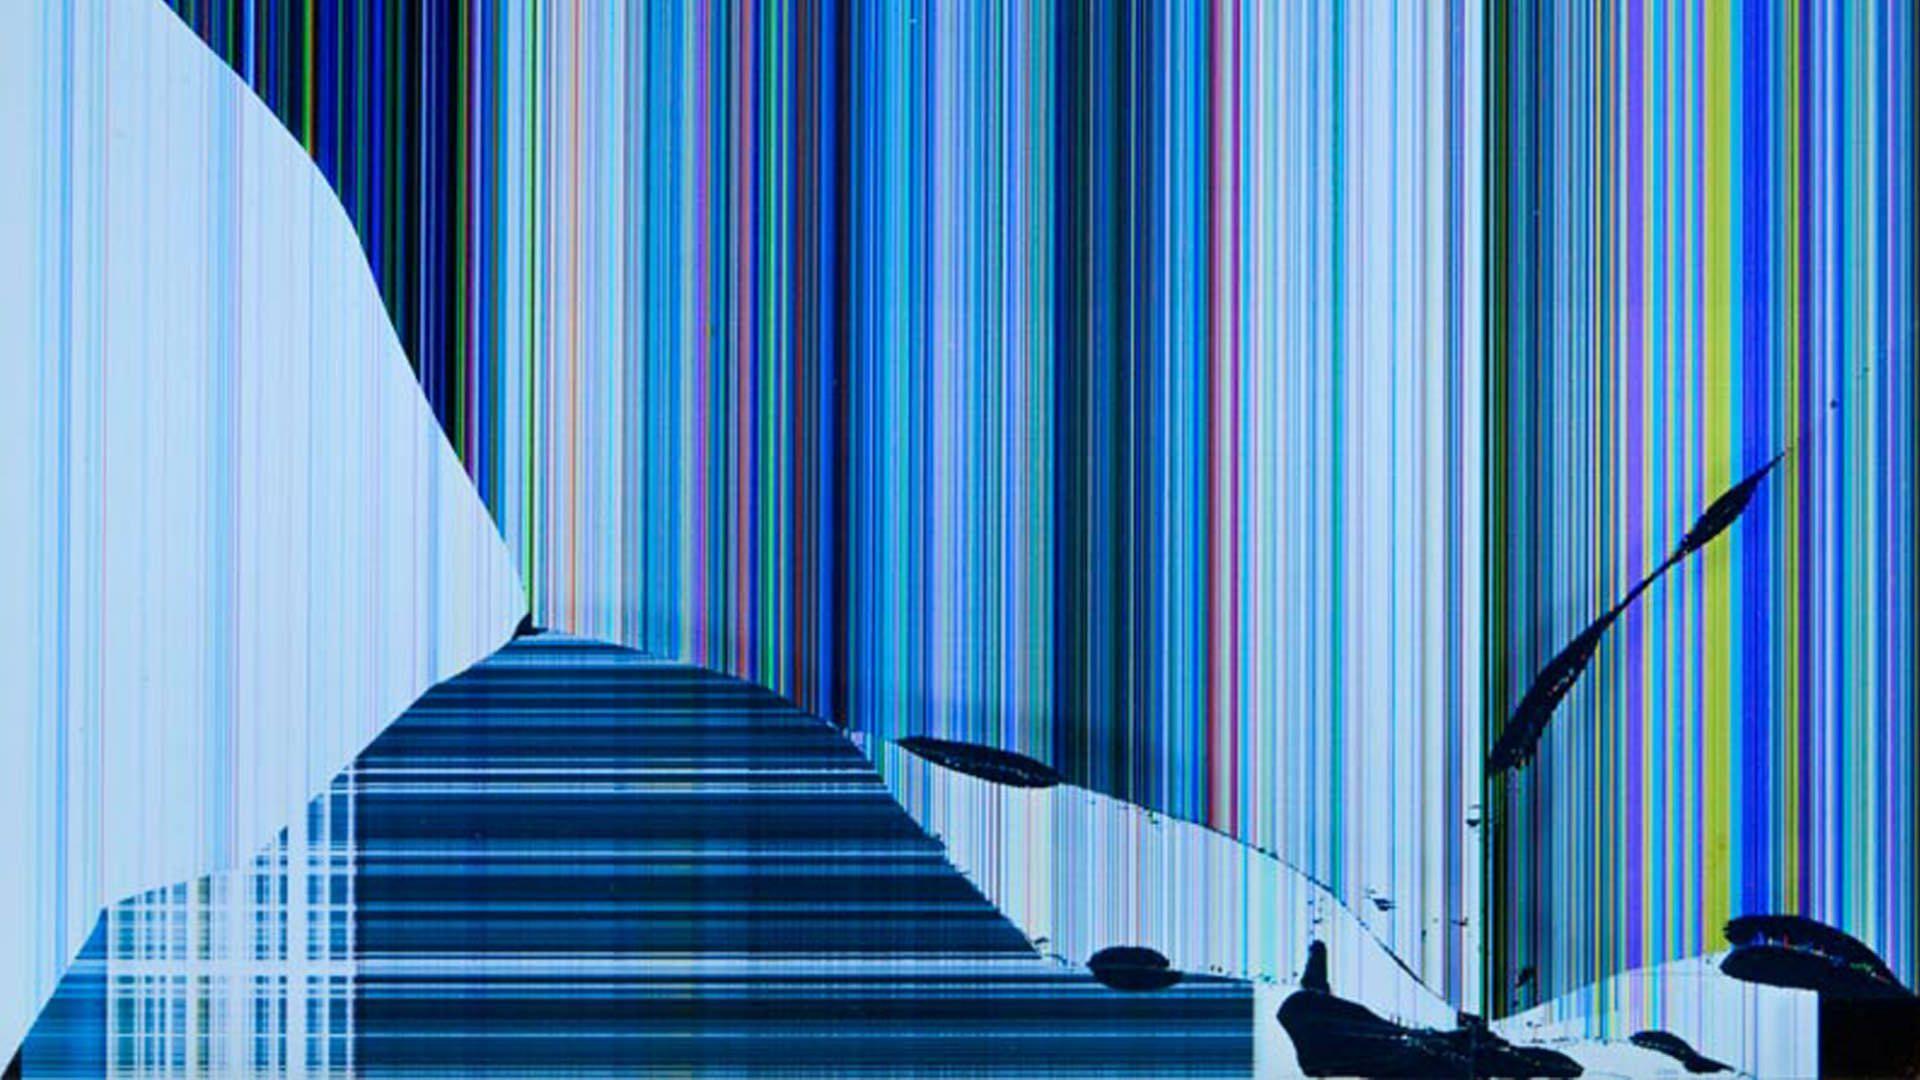 Broken Computer Screen Wallpapers Top Free Broken Computer Screen Backgrounds Wallpaperaccess